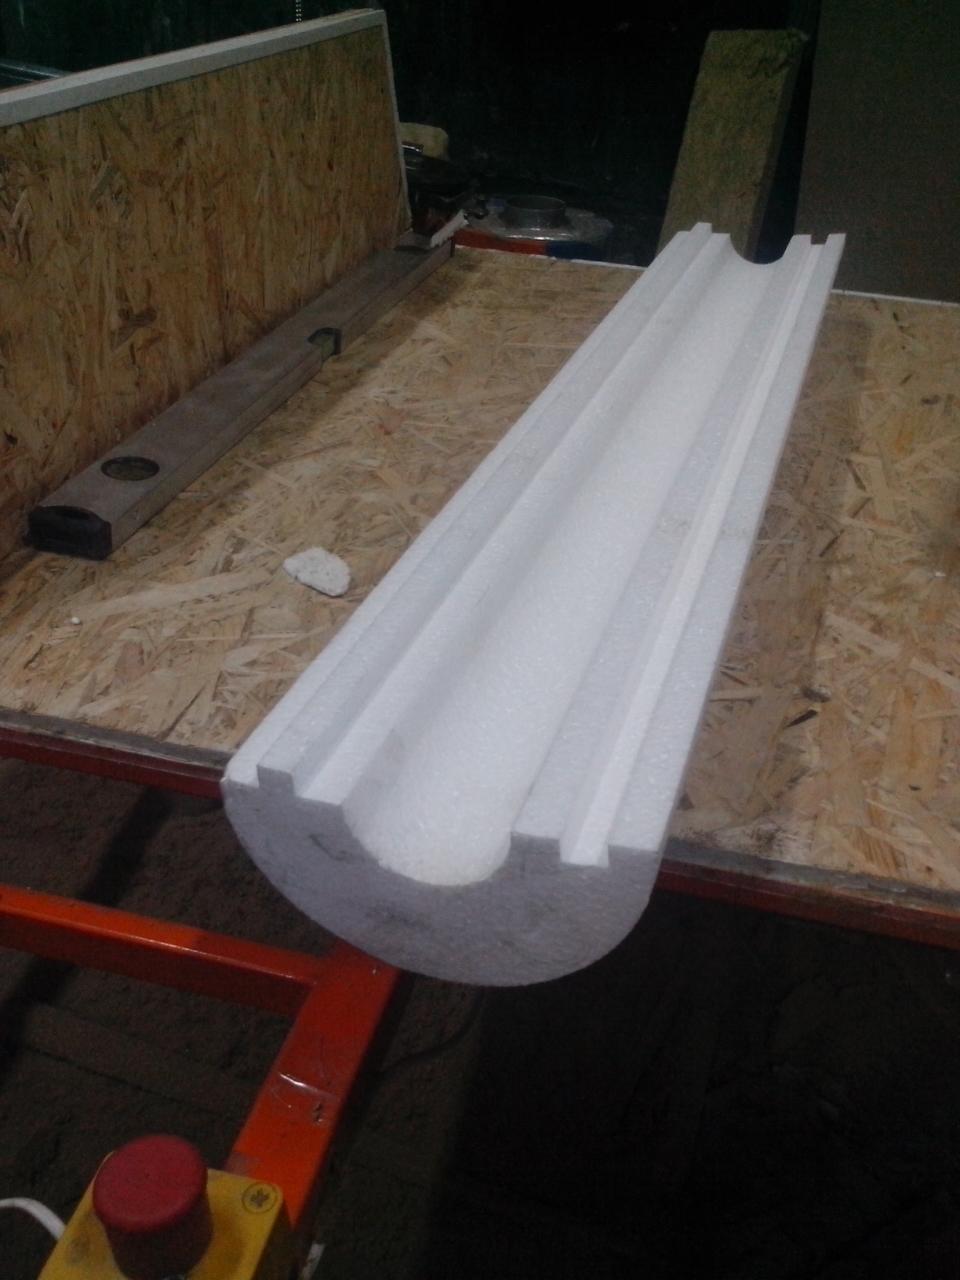 Утеплитель из пенопласта (пенополистирола) для труб Ø 76 мм толщиной 50 мм